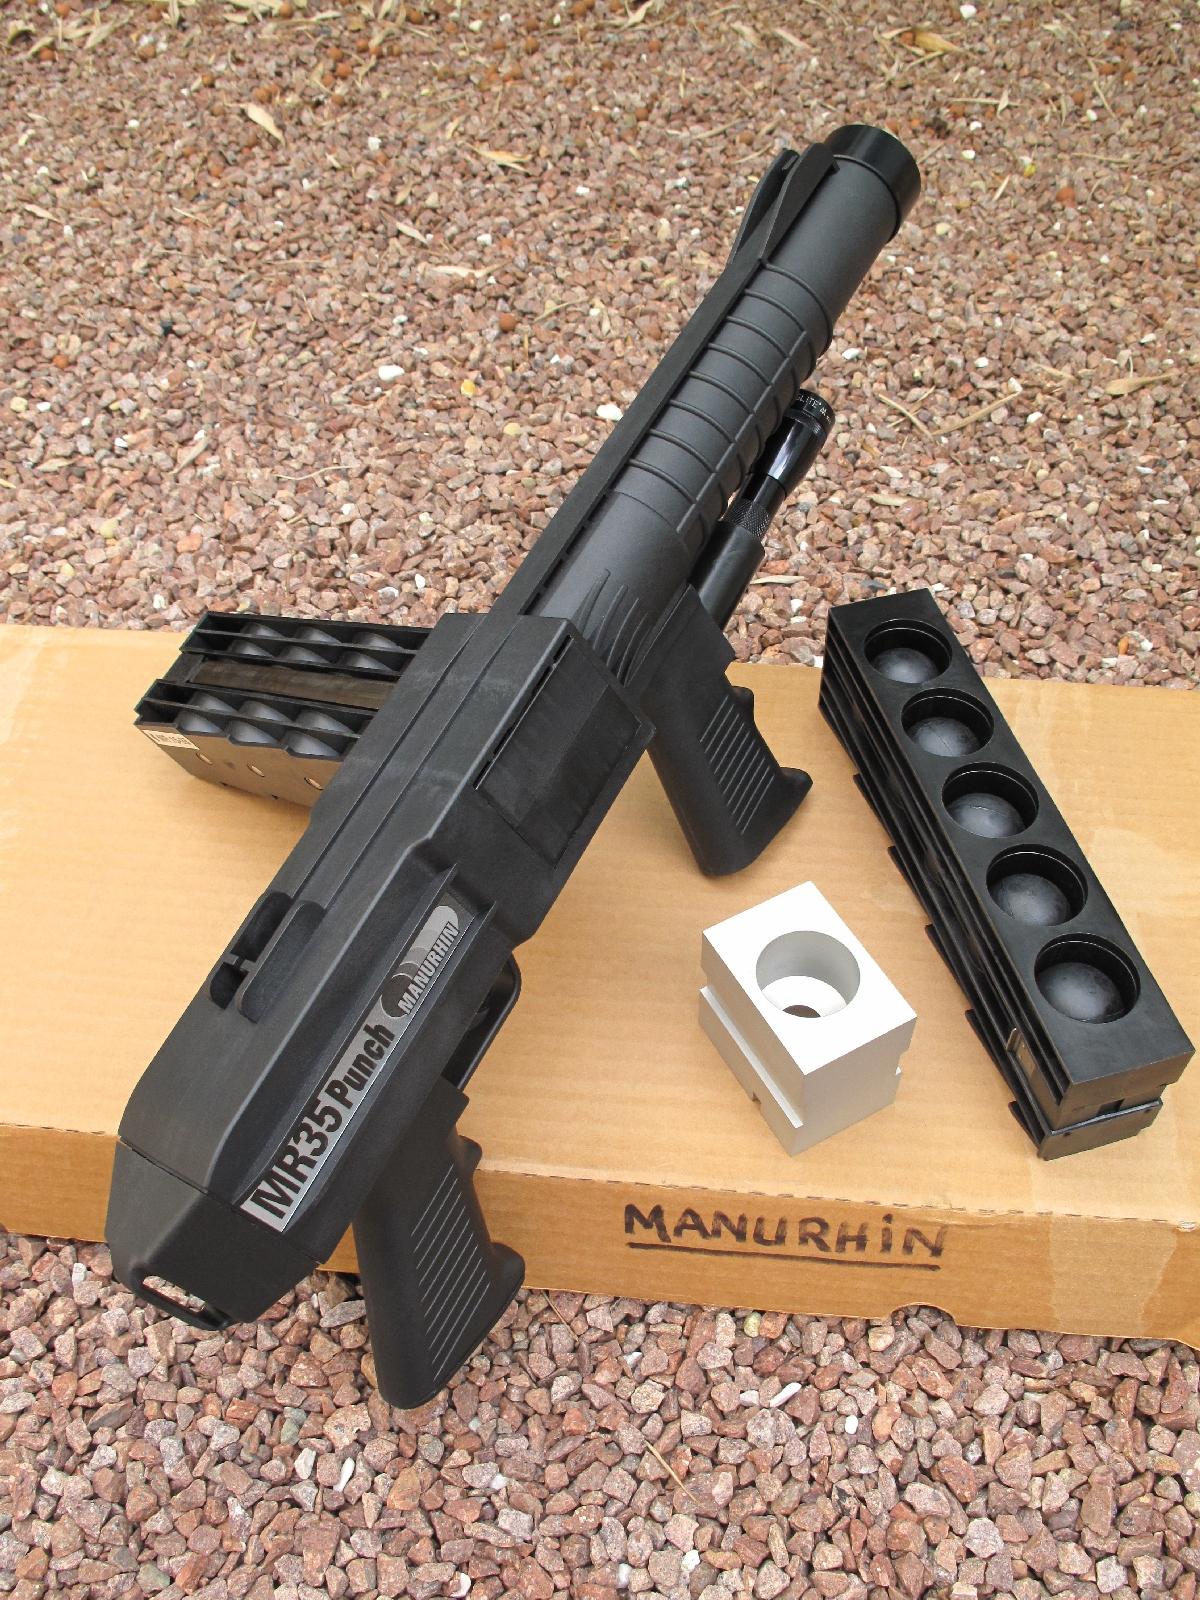 Le MR35 Punch se présente sous la forme d'un riot-gun compact, démuni de crosse d'épaule mais doté de deux poignées pistolet, qui fonctionne à répétition grâce à sa platine à double action et son chargeur « harmonica » d'une contenance de 5 coups.